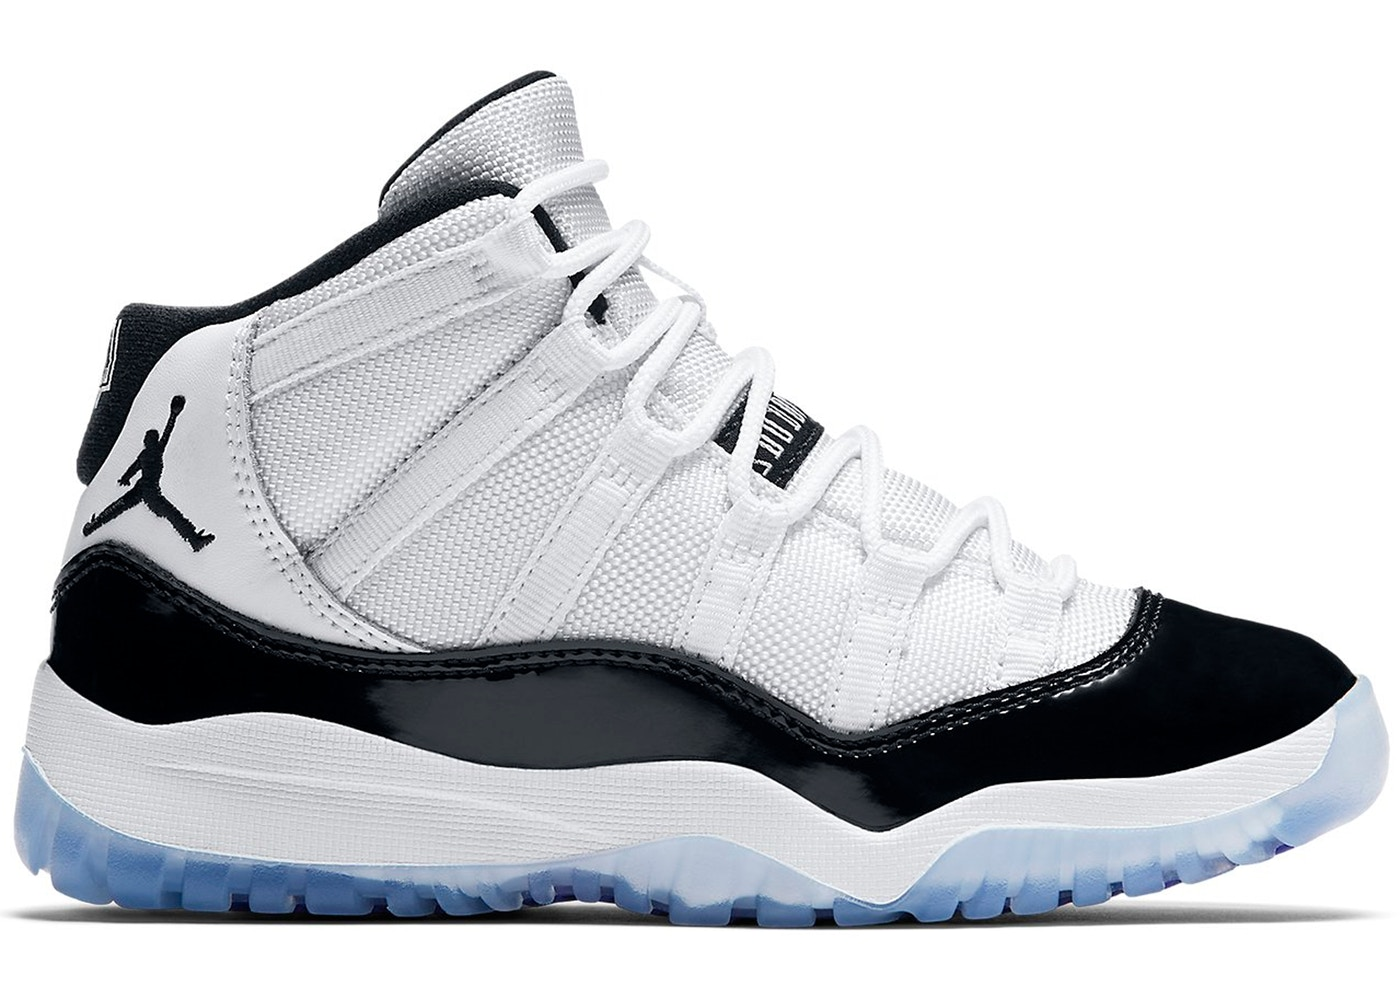 new style 0a370 5a2e9 Jordan 11 Retro Concord 2018 (PS)